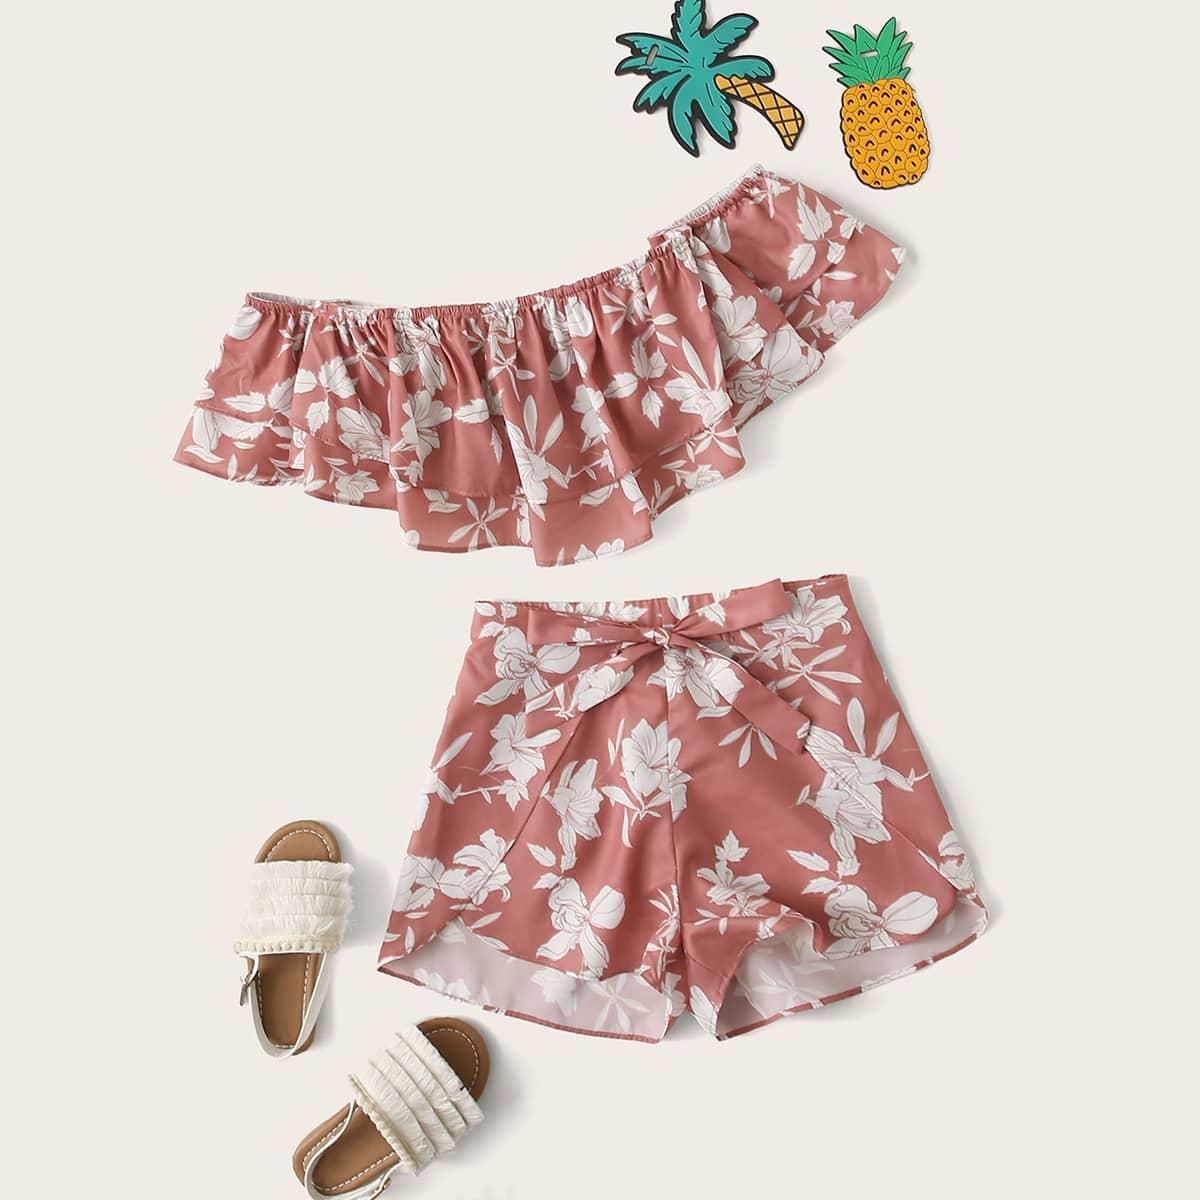 SHEIN / Girls Off Shoulder Layered Ruffle Crop Top & Petal Shorts Set